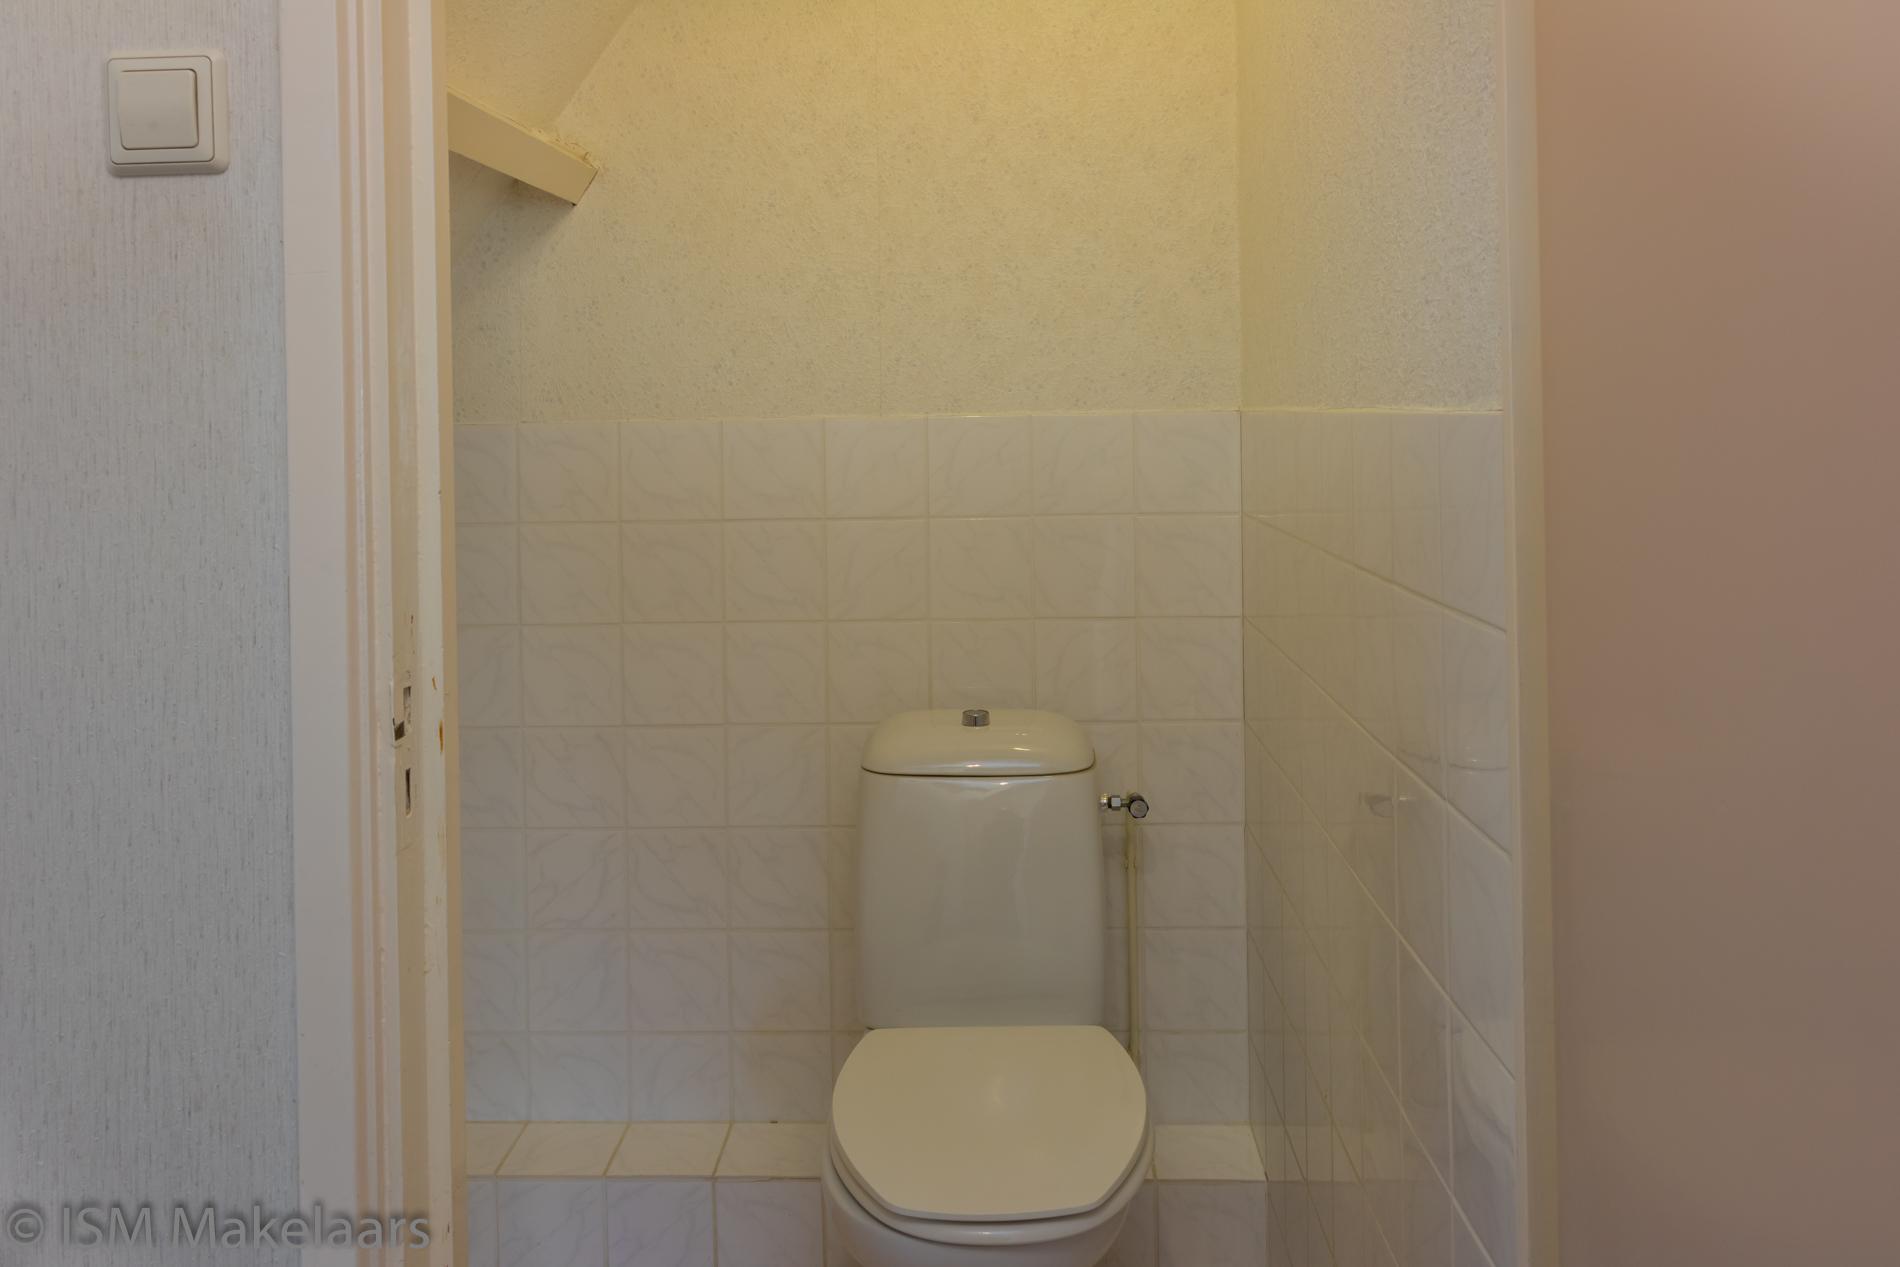 toiletruimte epelstraat 11 ISM Makelaars